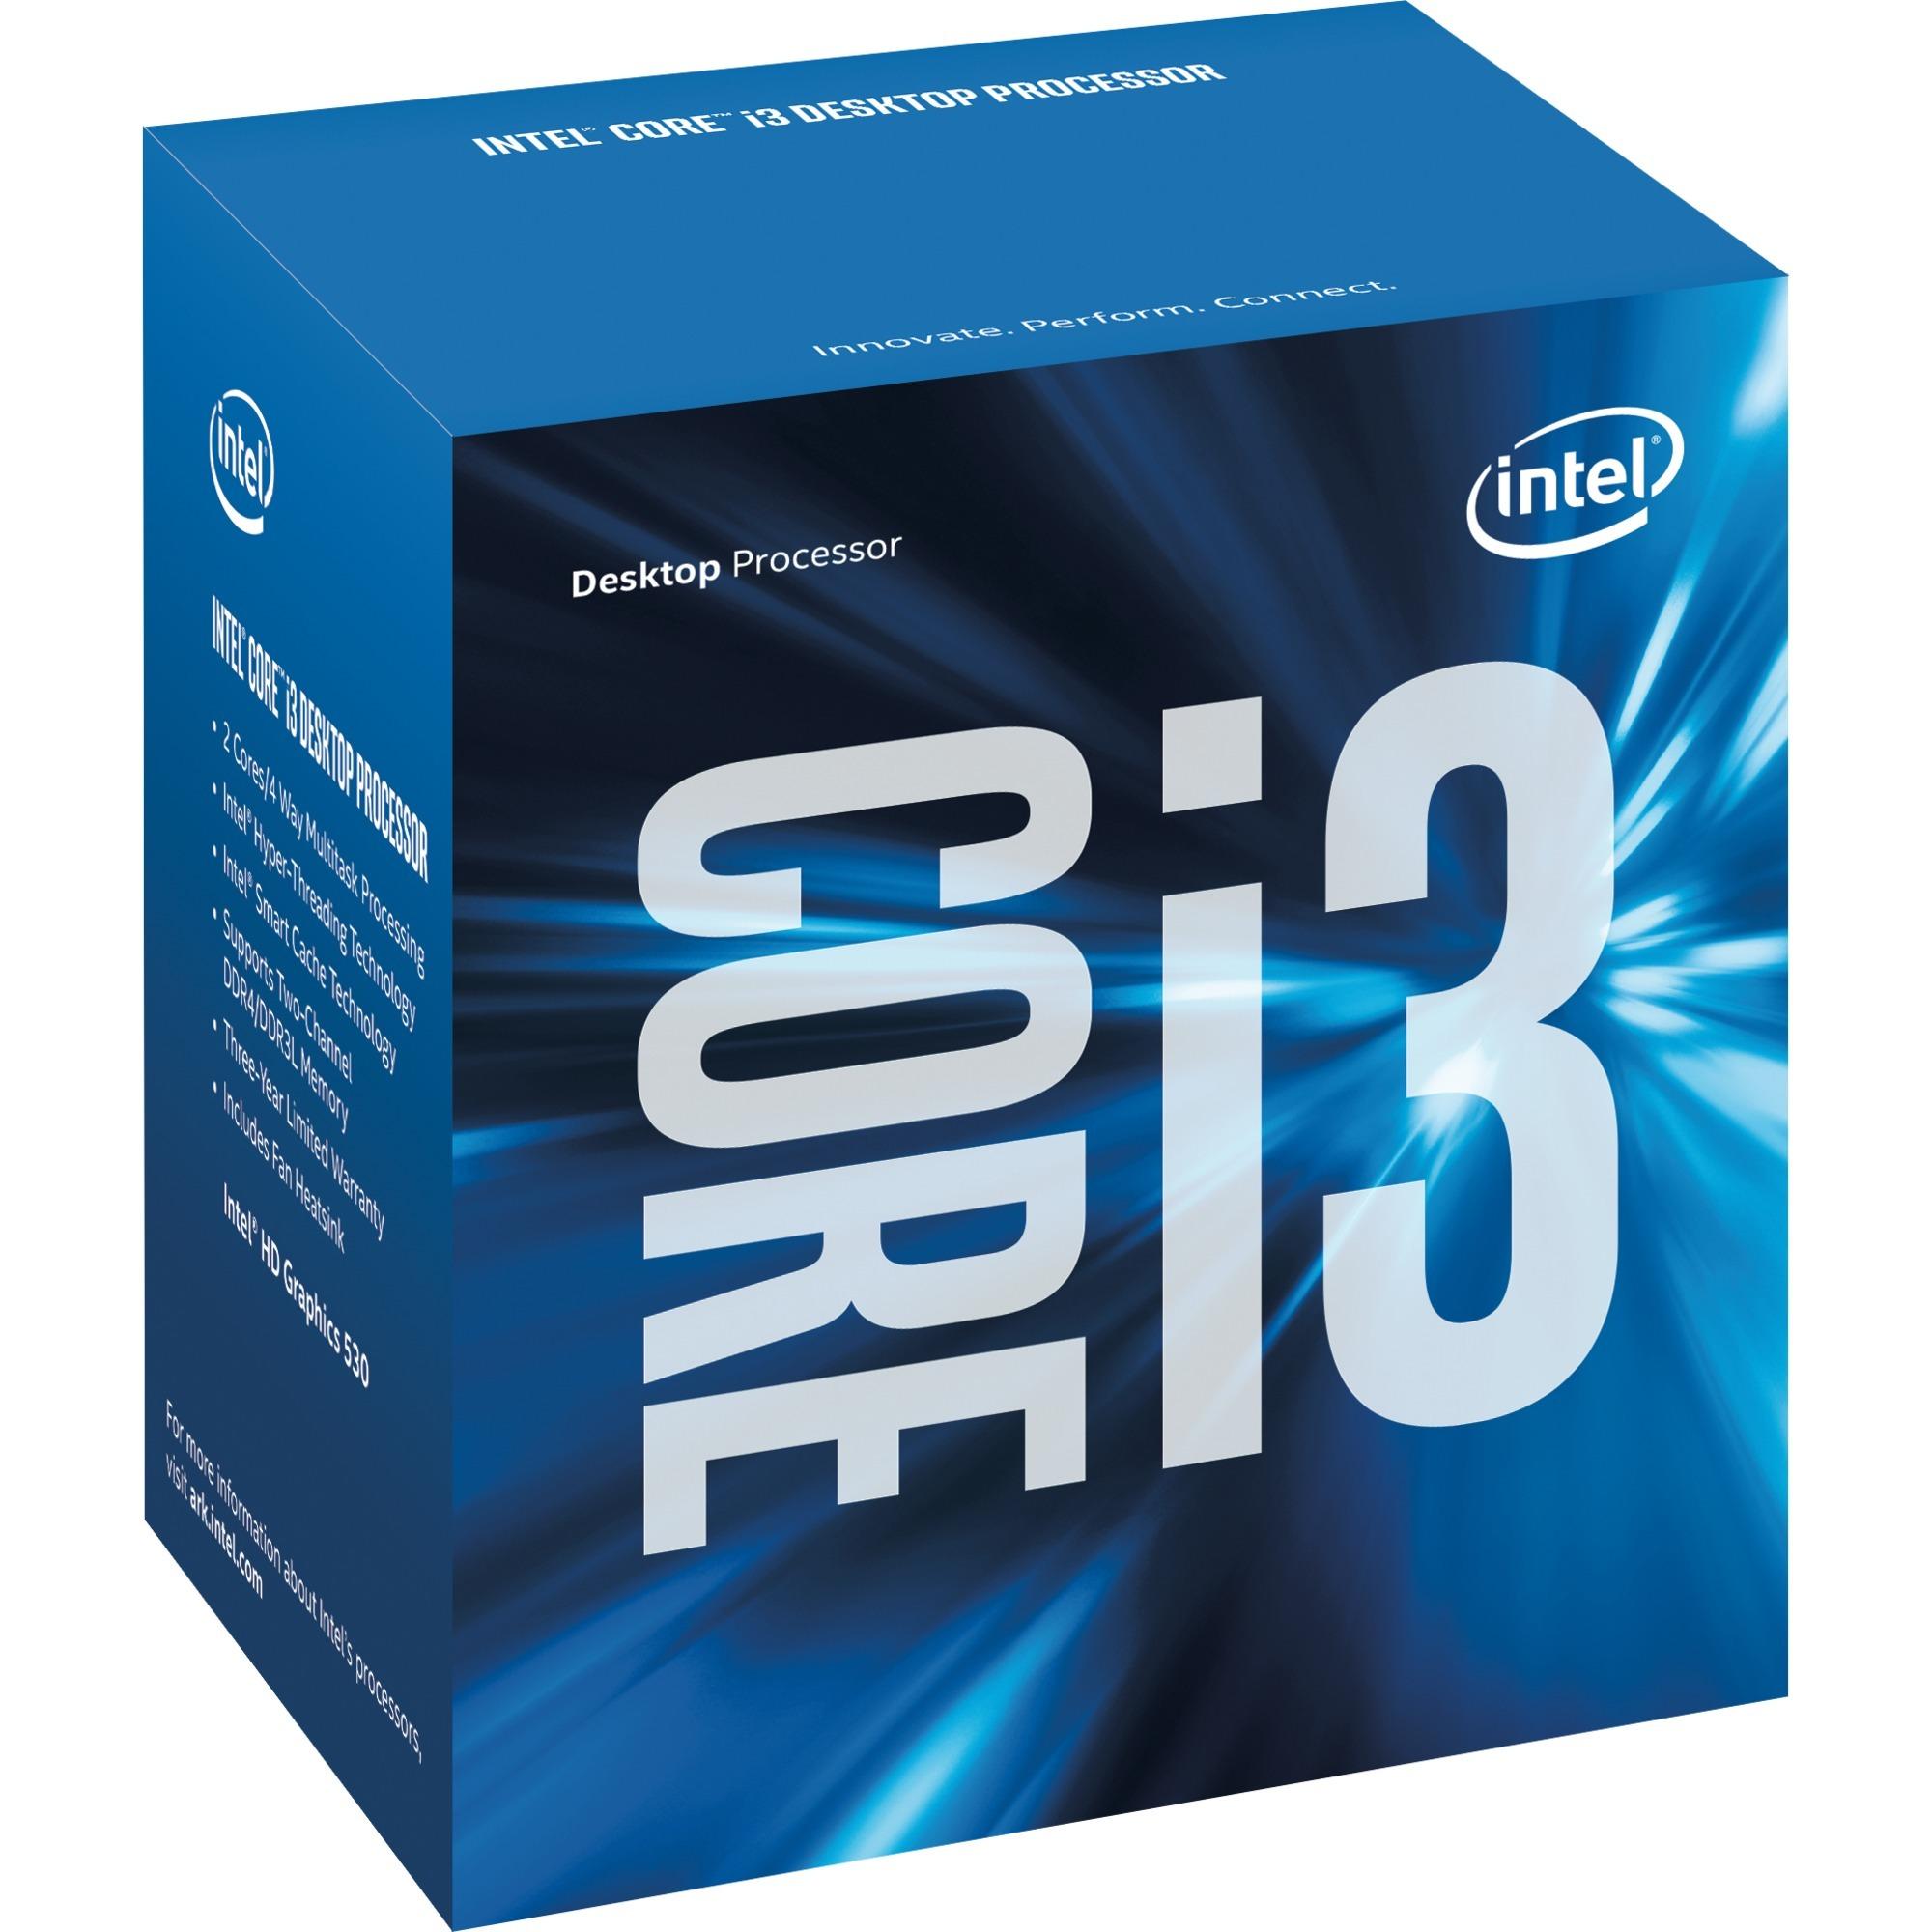 Core i3-6100T Processor (3M Cache, 3.20 GHz) 3.2GHz 3MB Smart Cache Caja procesador